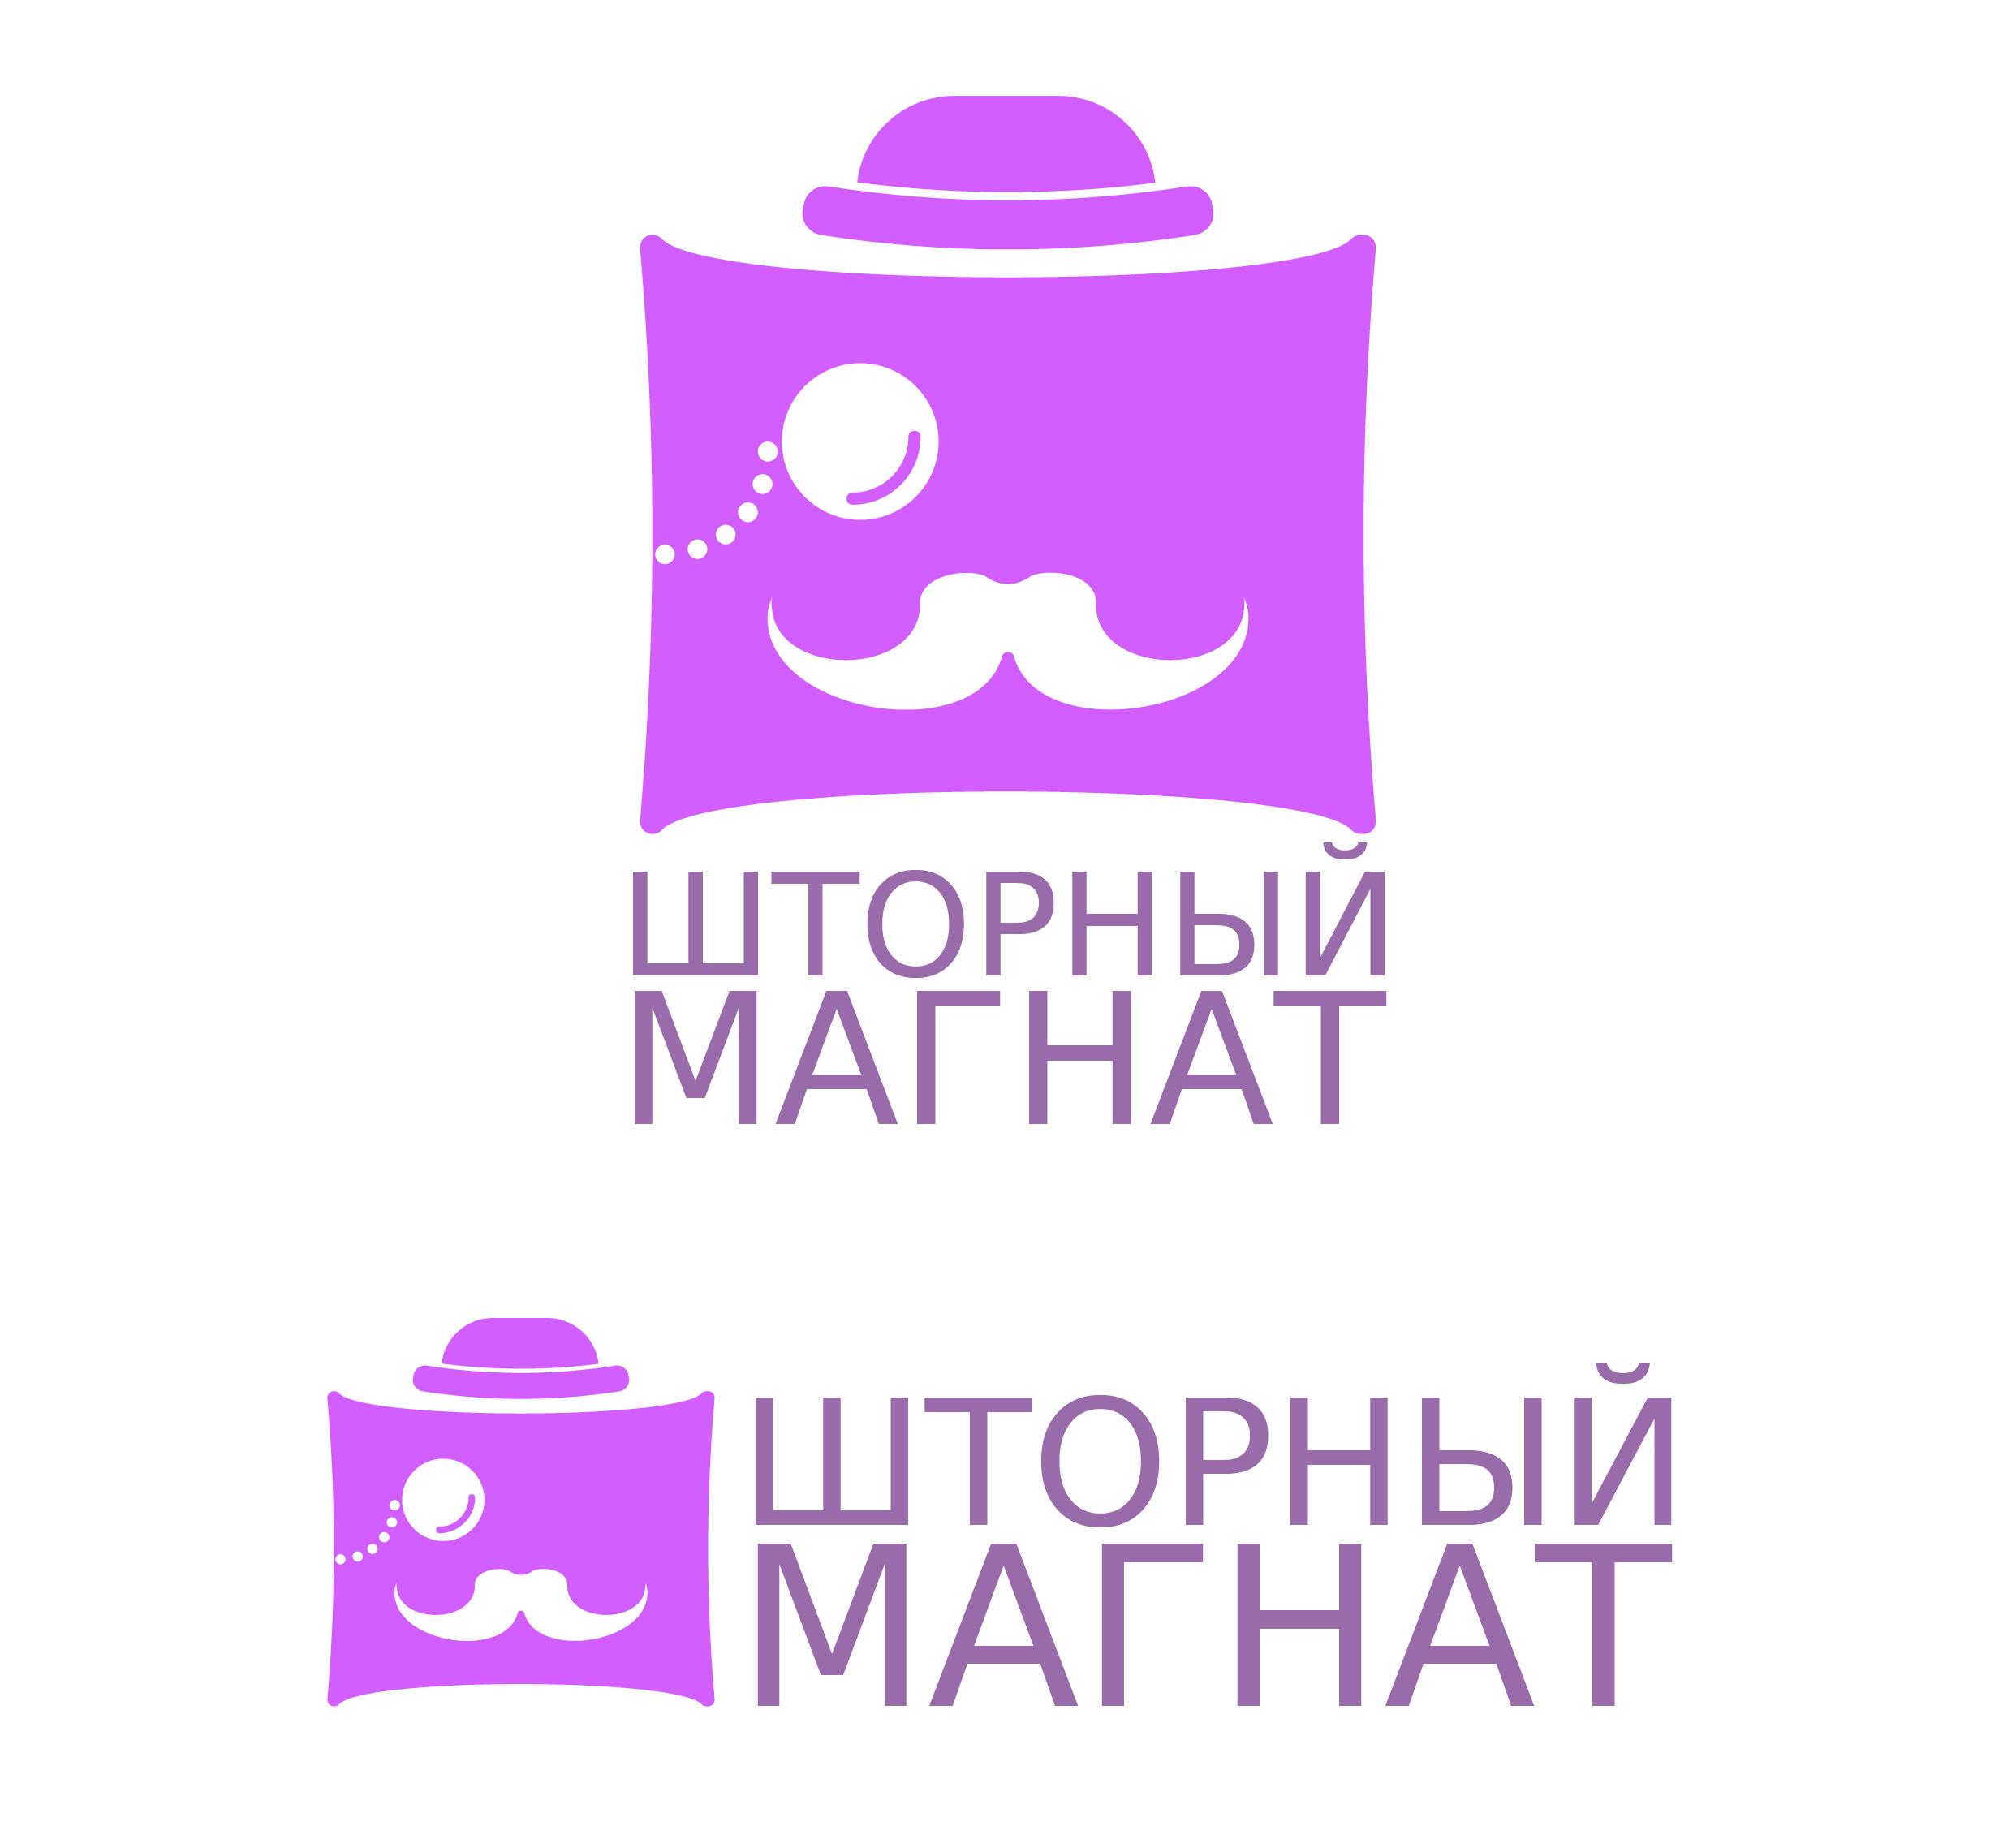 Логотип и фирменный стиль для магазина тканей. фото f_0605ce6cf81d04de.jpg